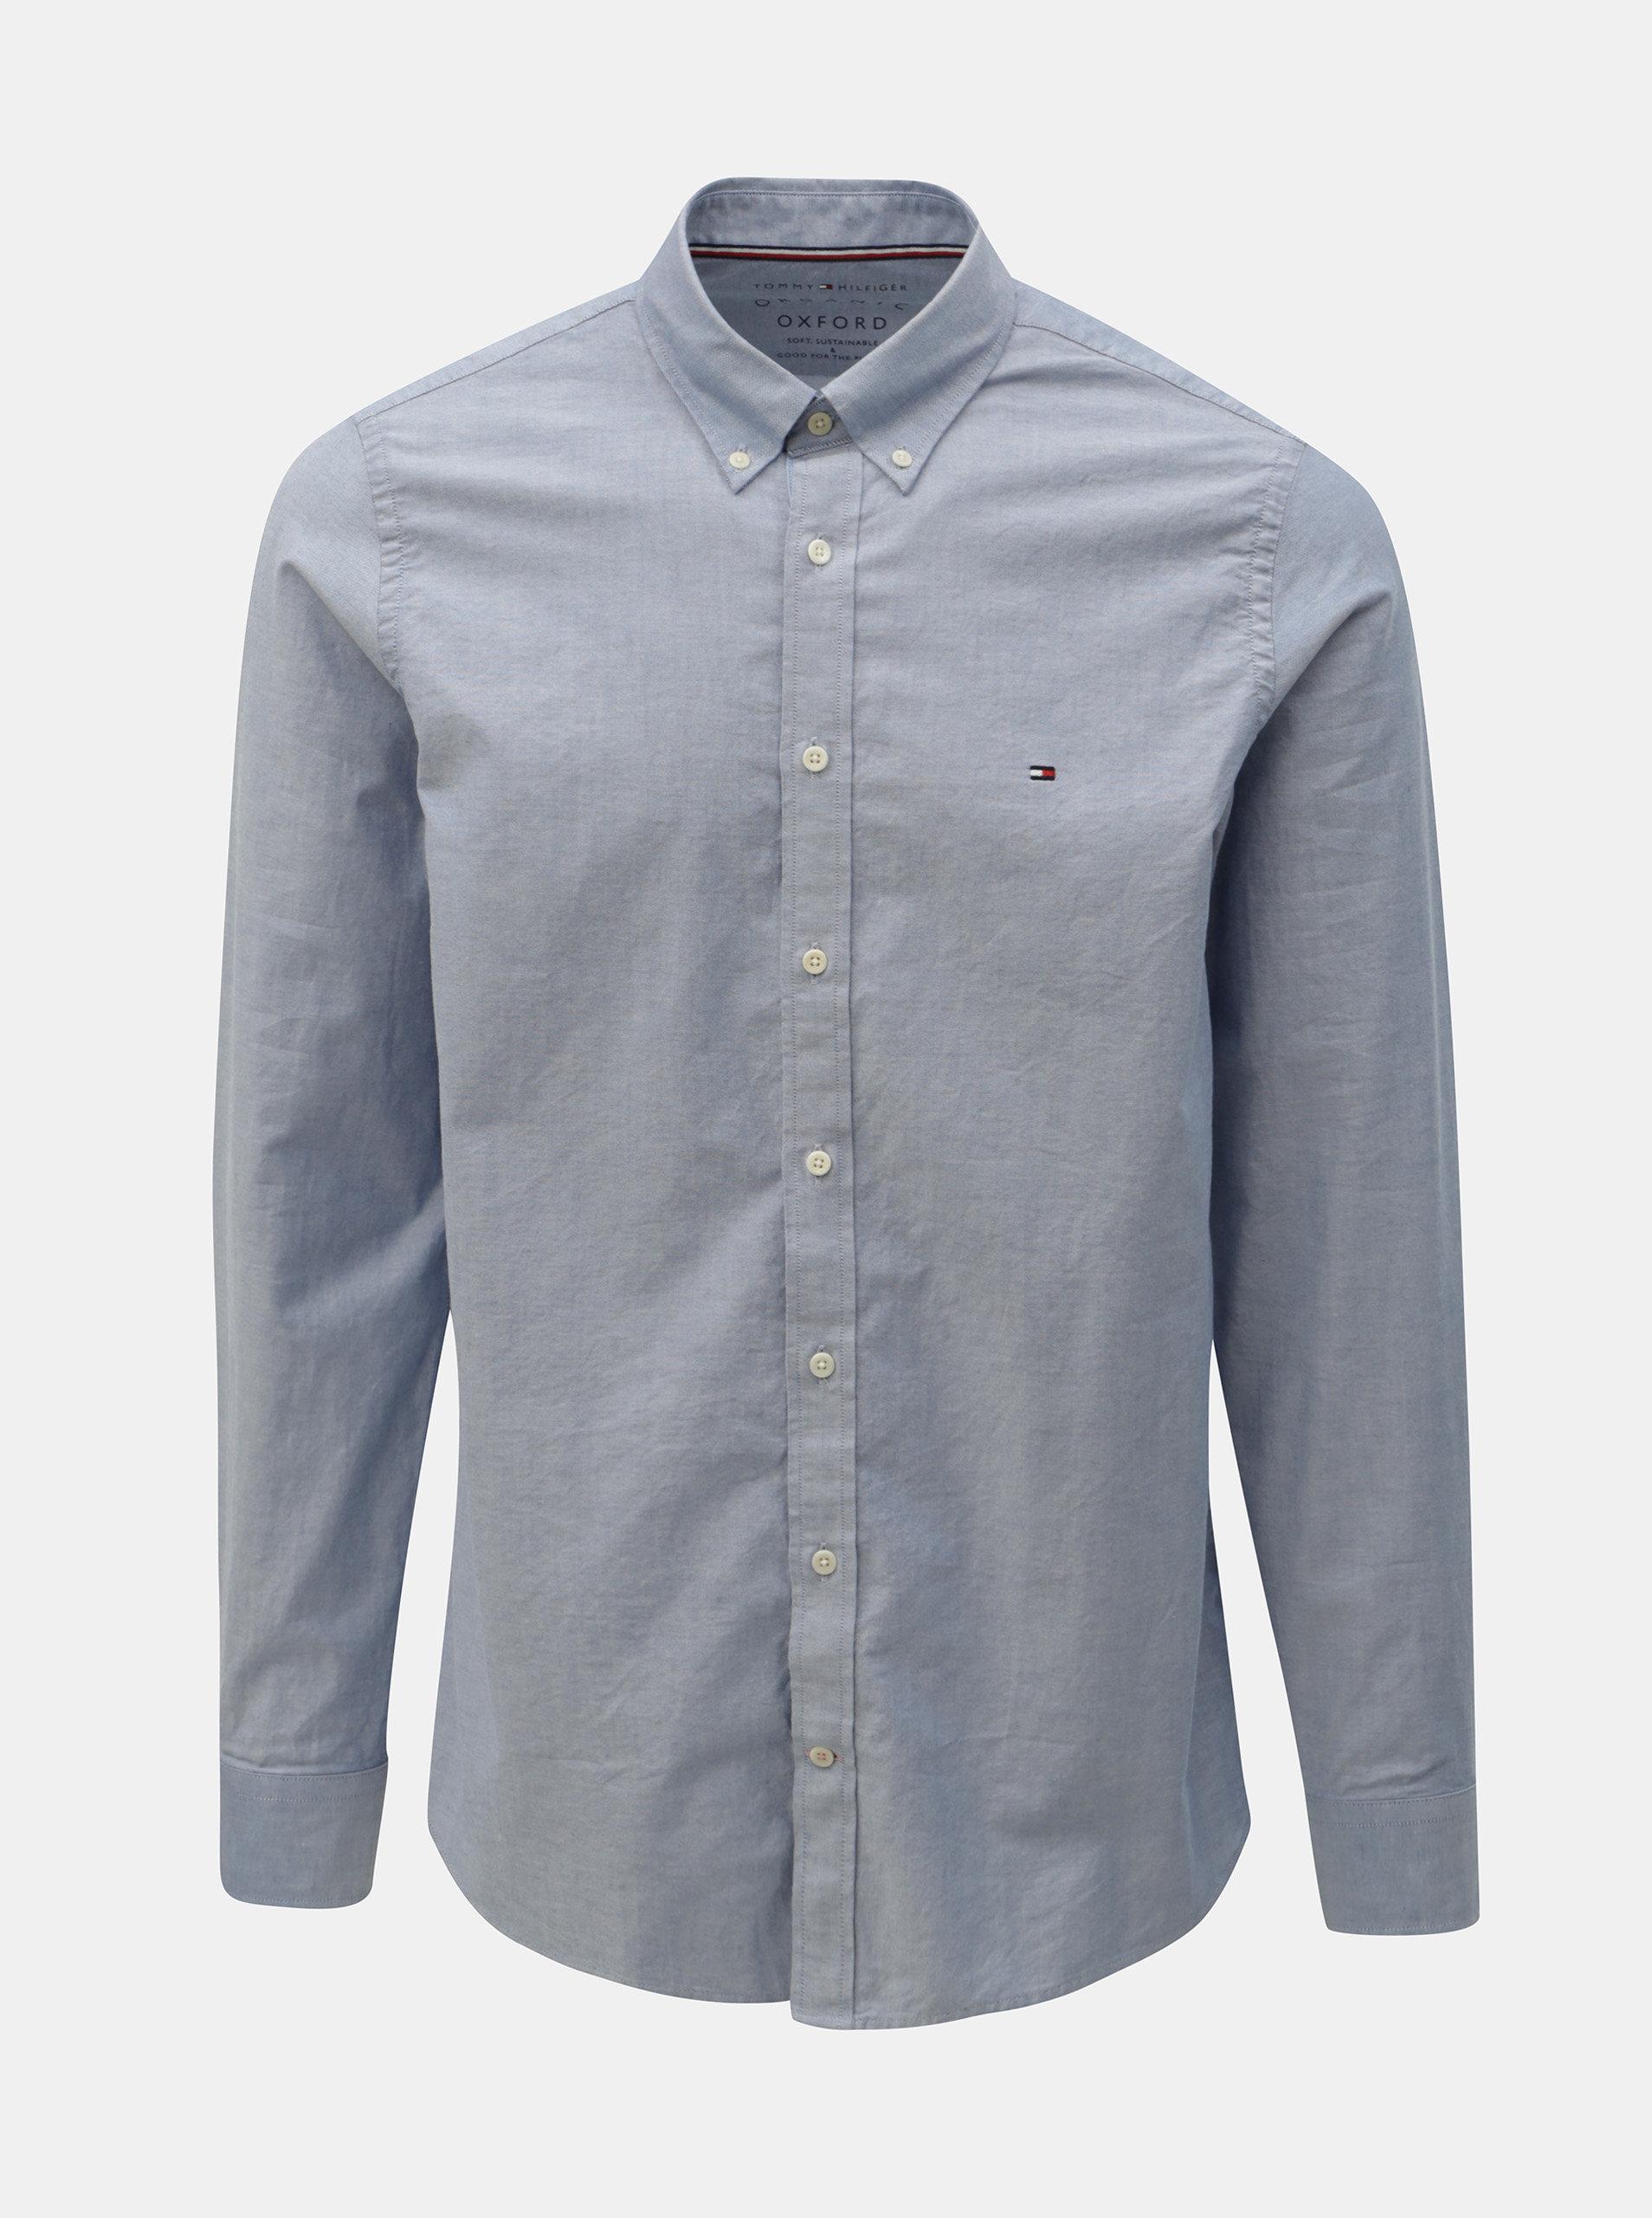 4194ebdd6e Modrá pánská slim fit košile Tommy Hilfiger ...